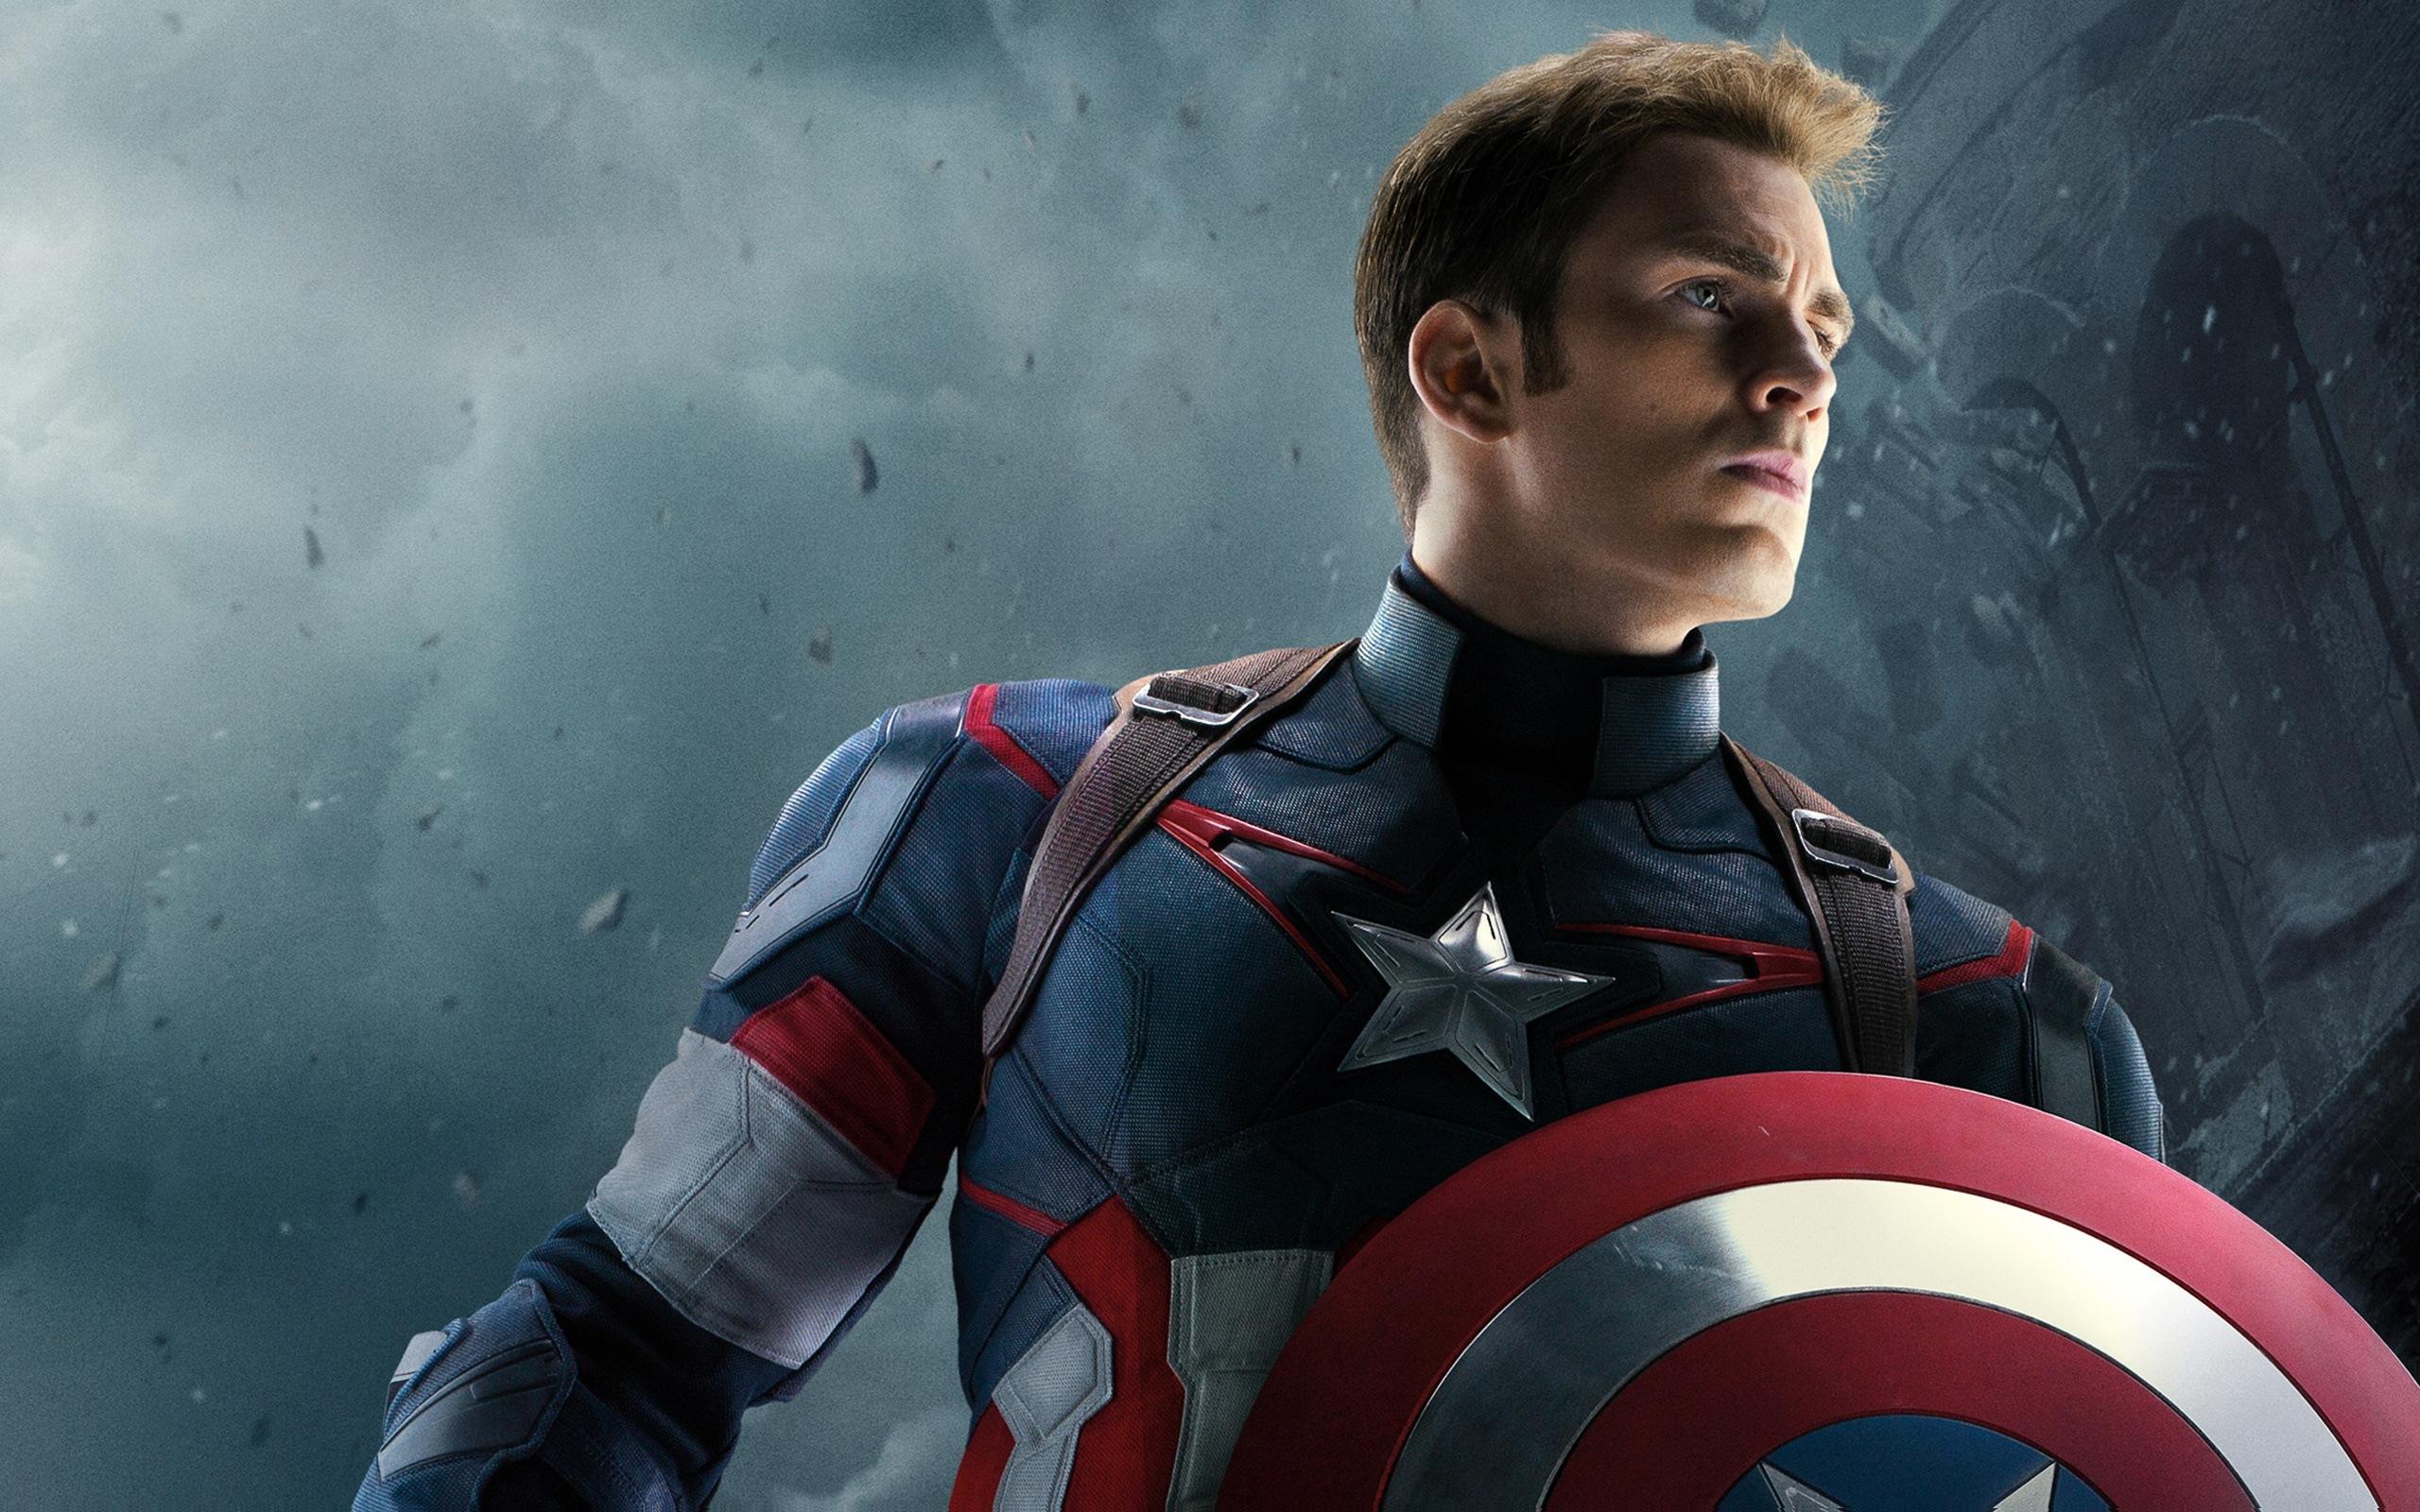 ABC celebrará 75 aniversario de Capitán América con documental especial